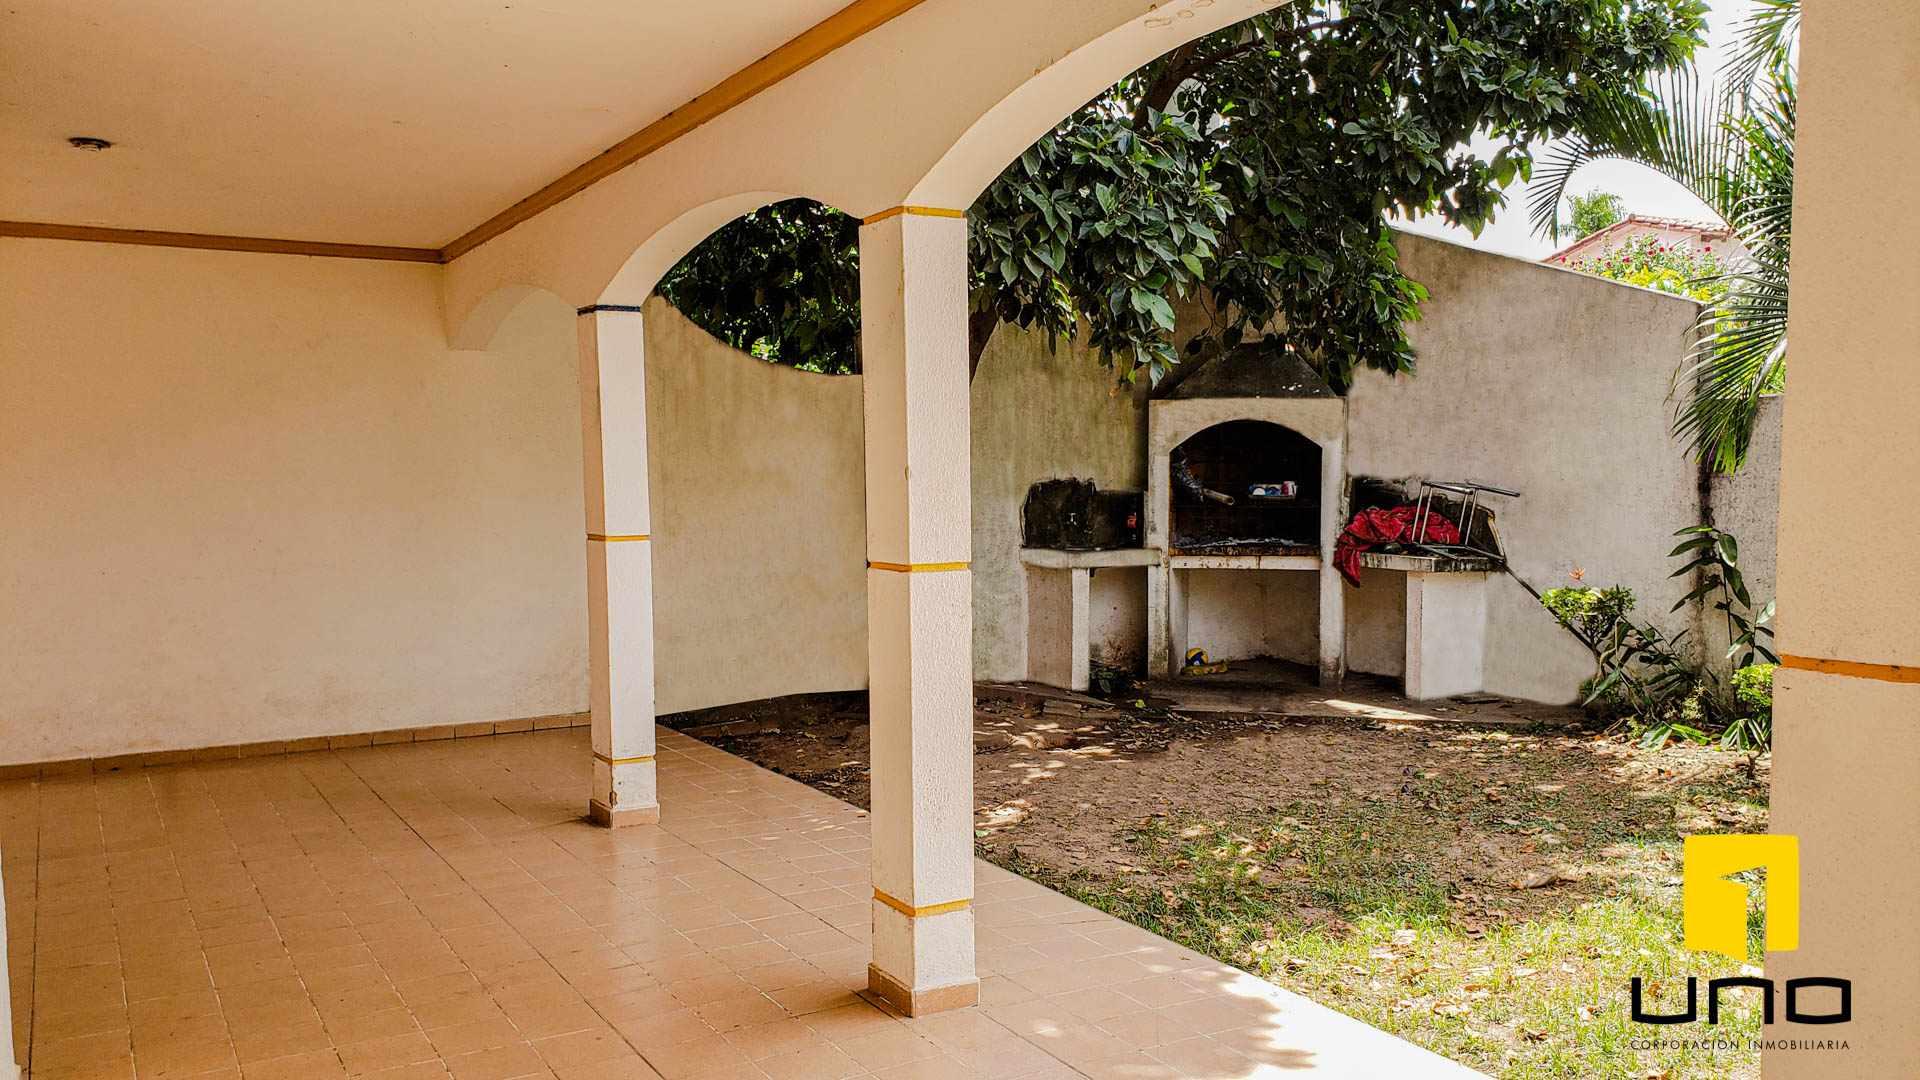 Casa en Venta $us 260.000 VENDO CASA BARRIO LAS PALMAS Foto 4